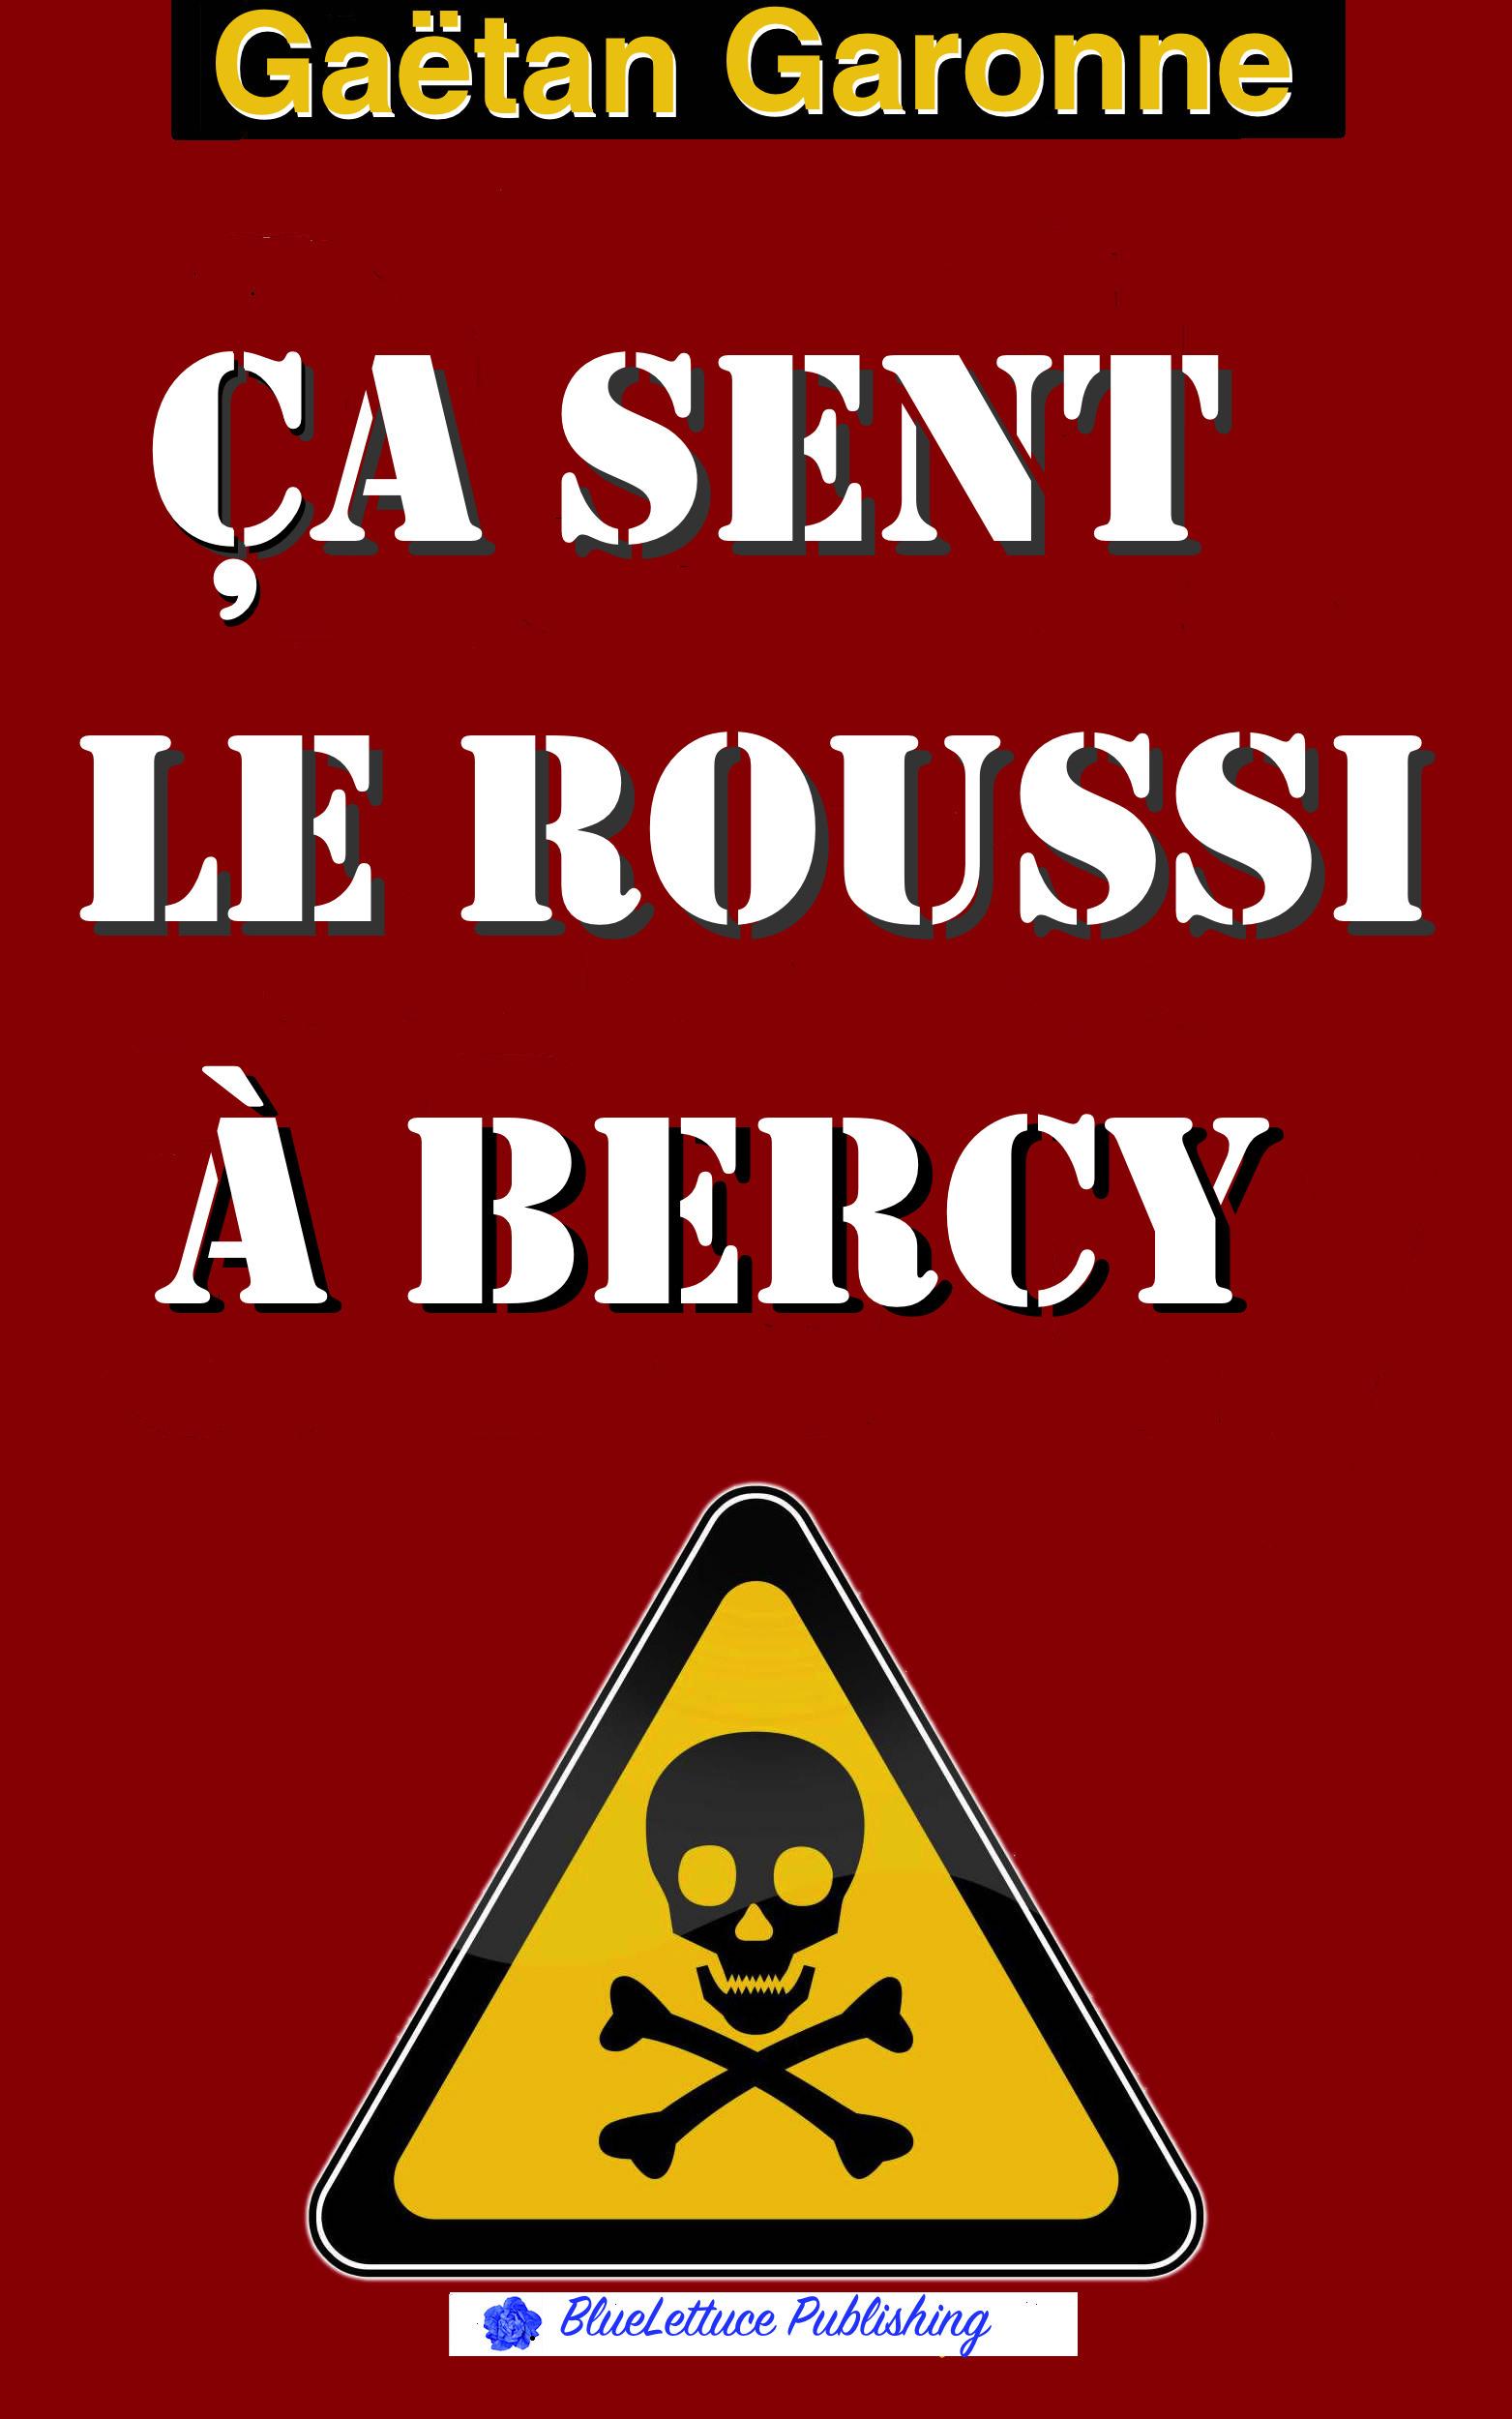 Ça sent le roussi à Bercy